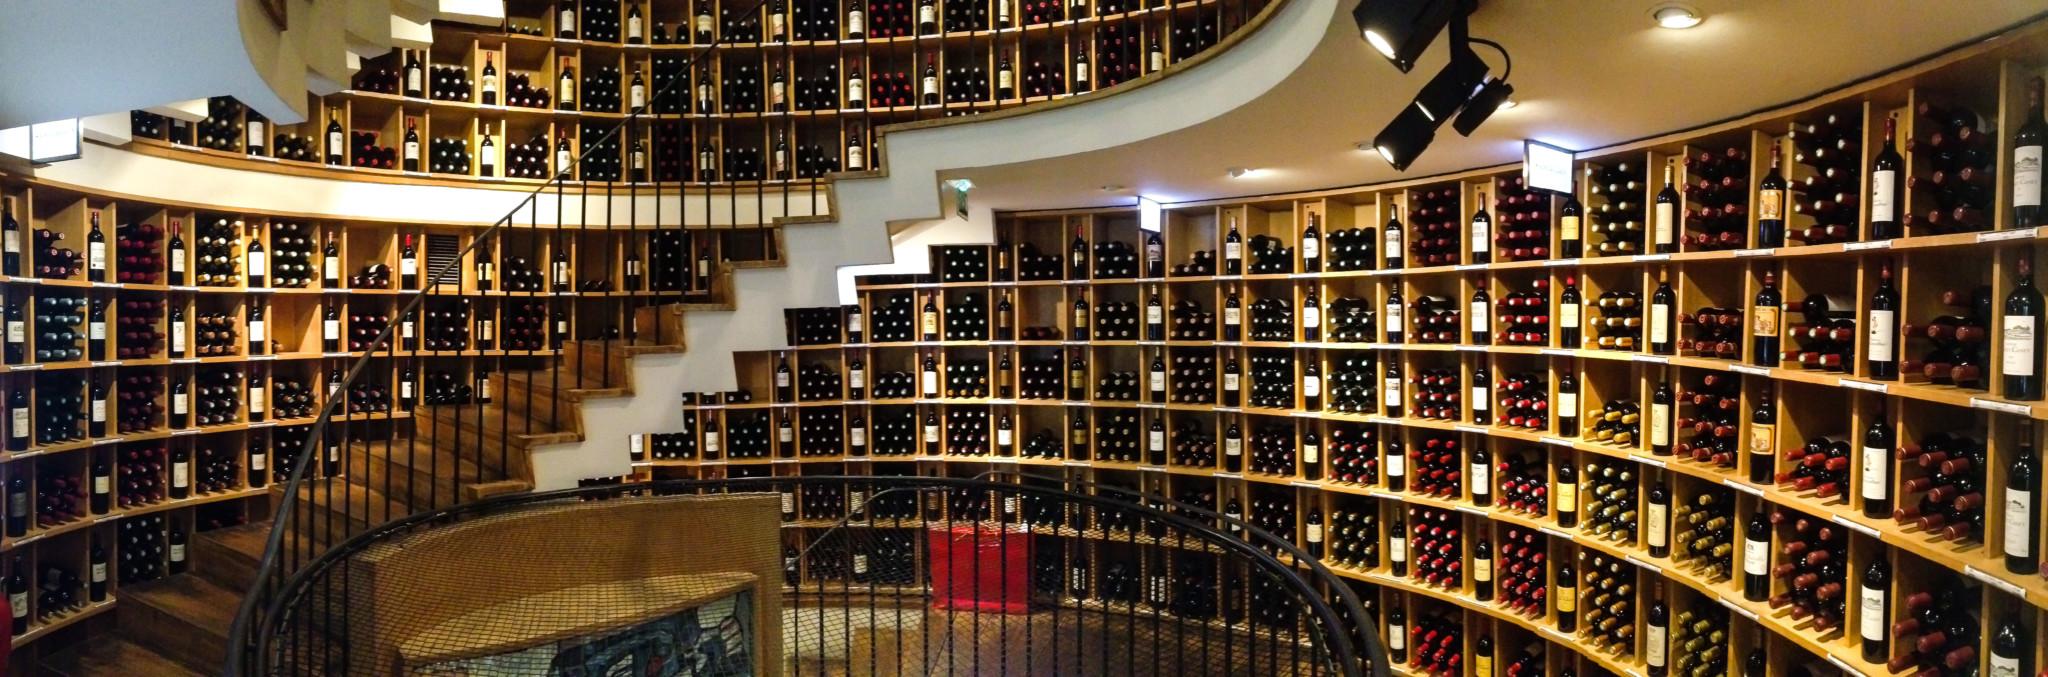 Visiter des vignobles, sans passer par des visites organisées, oui ça se peut - voici ma petite aventure à Bordeaux!